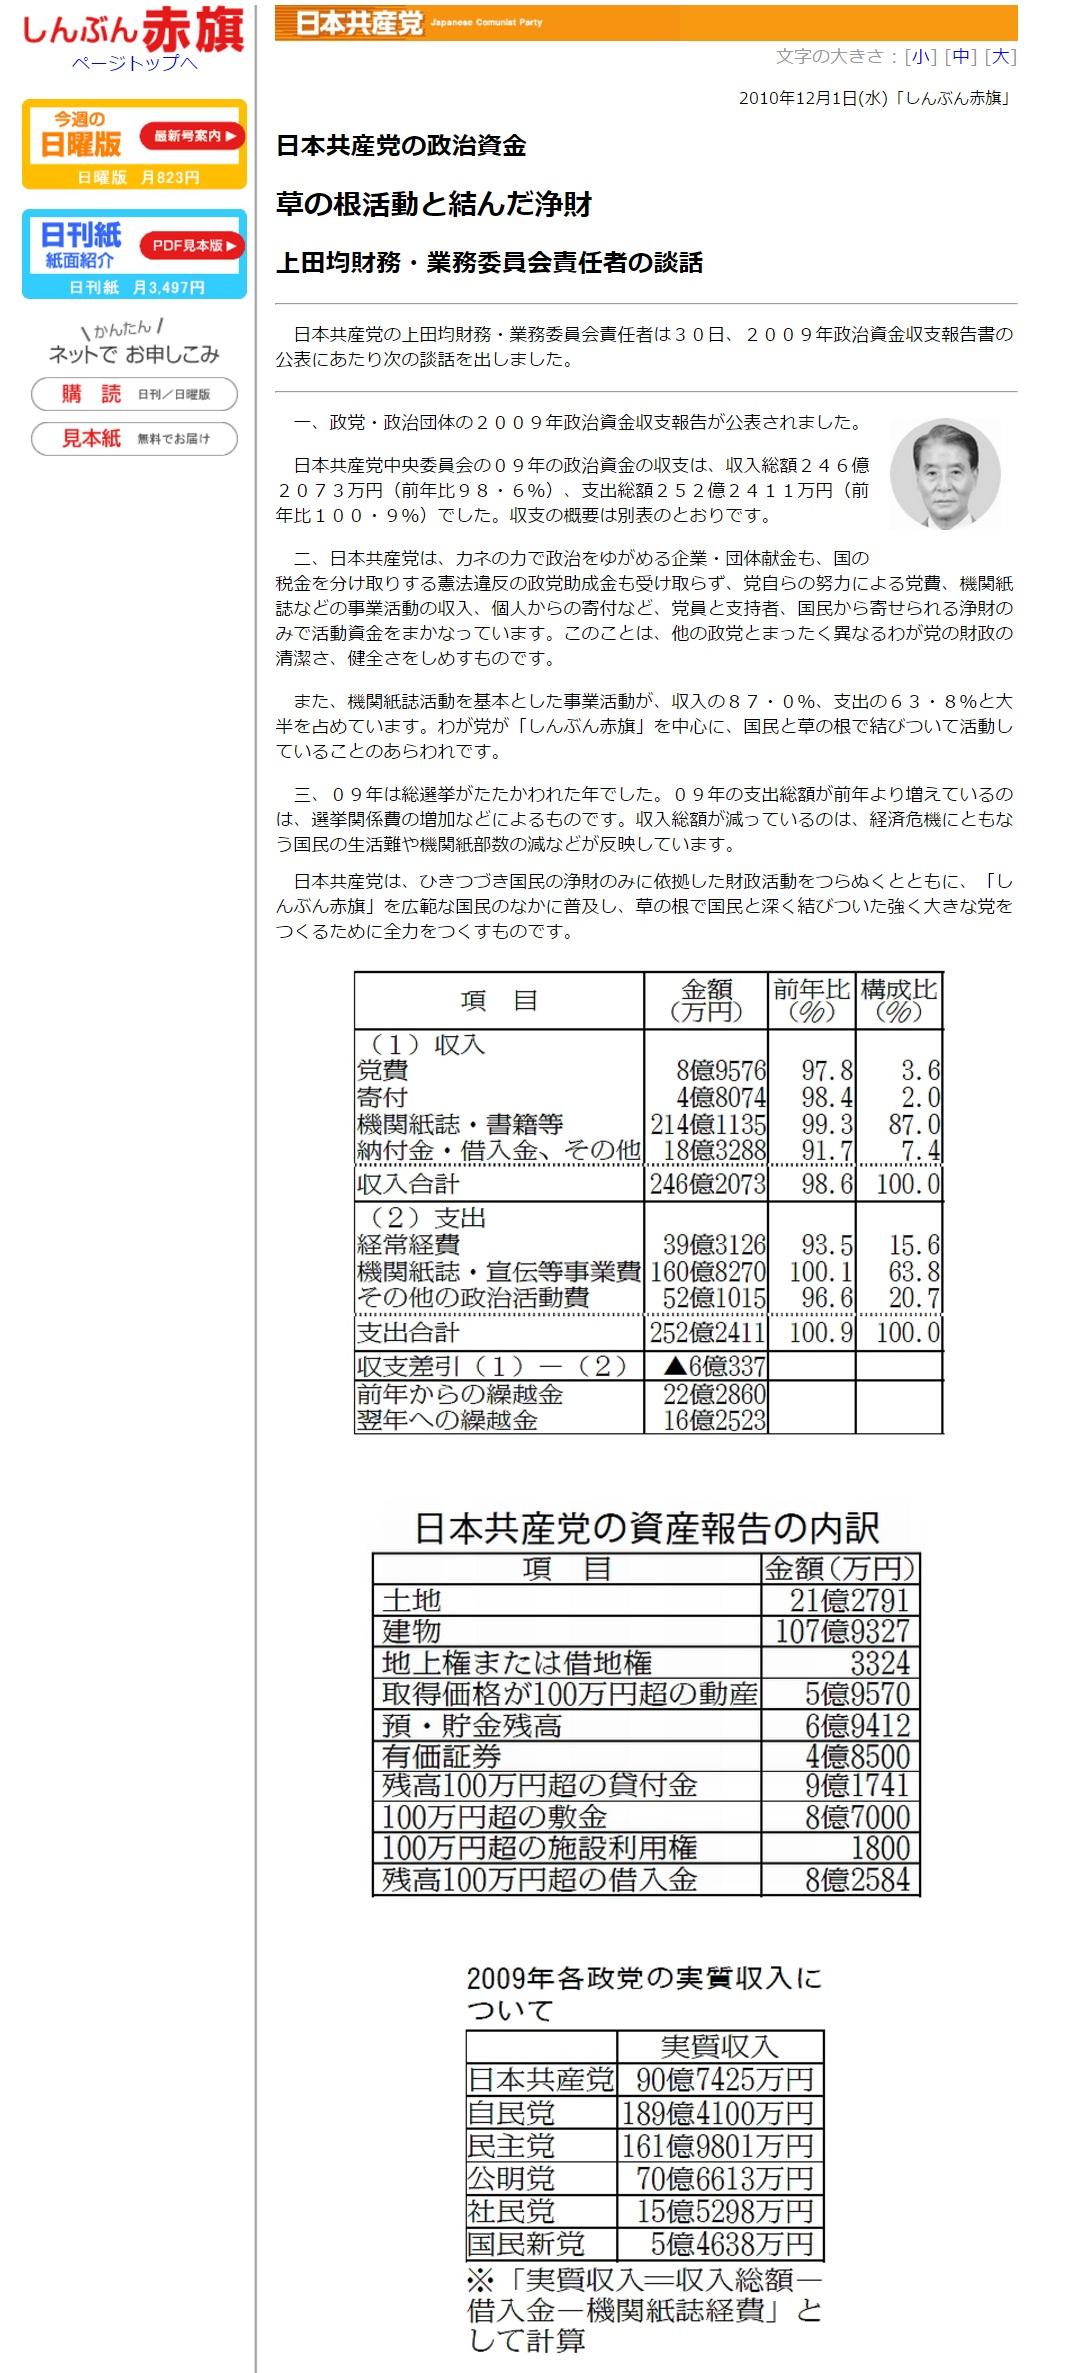 日本共産党の政治資金2010年12